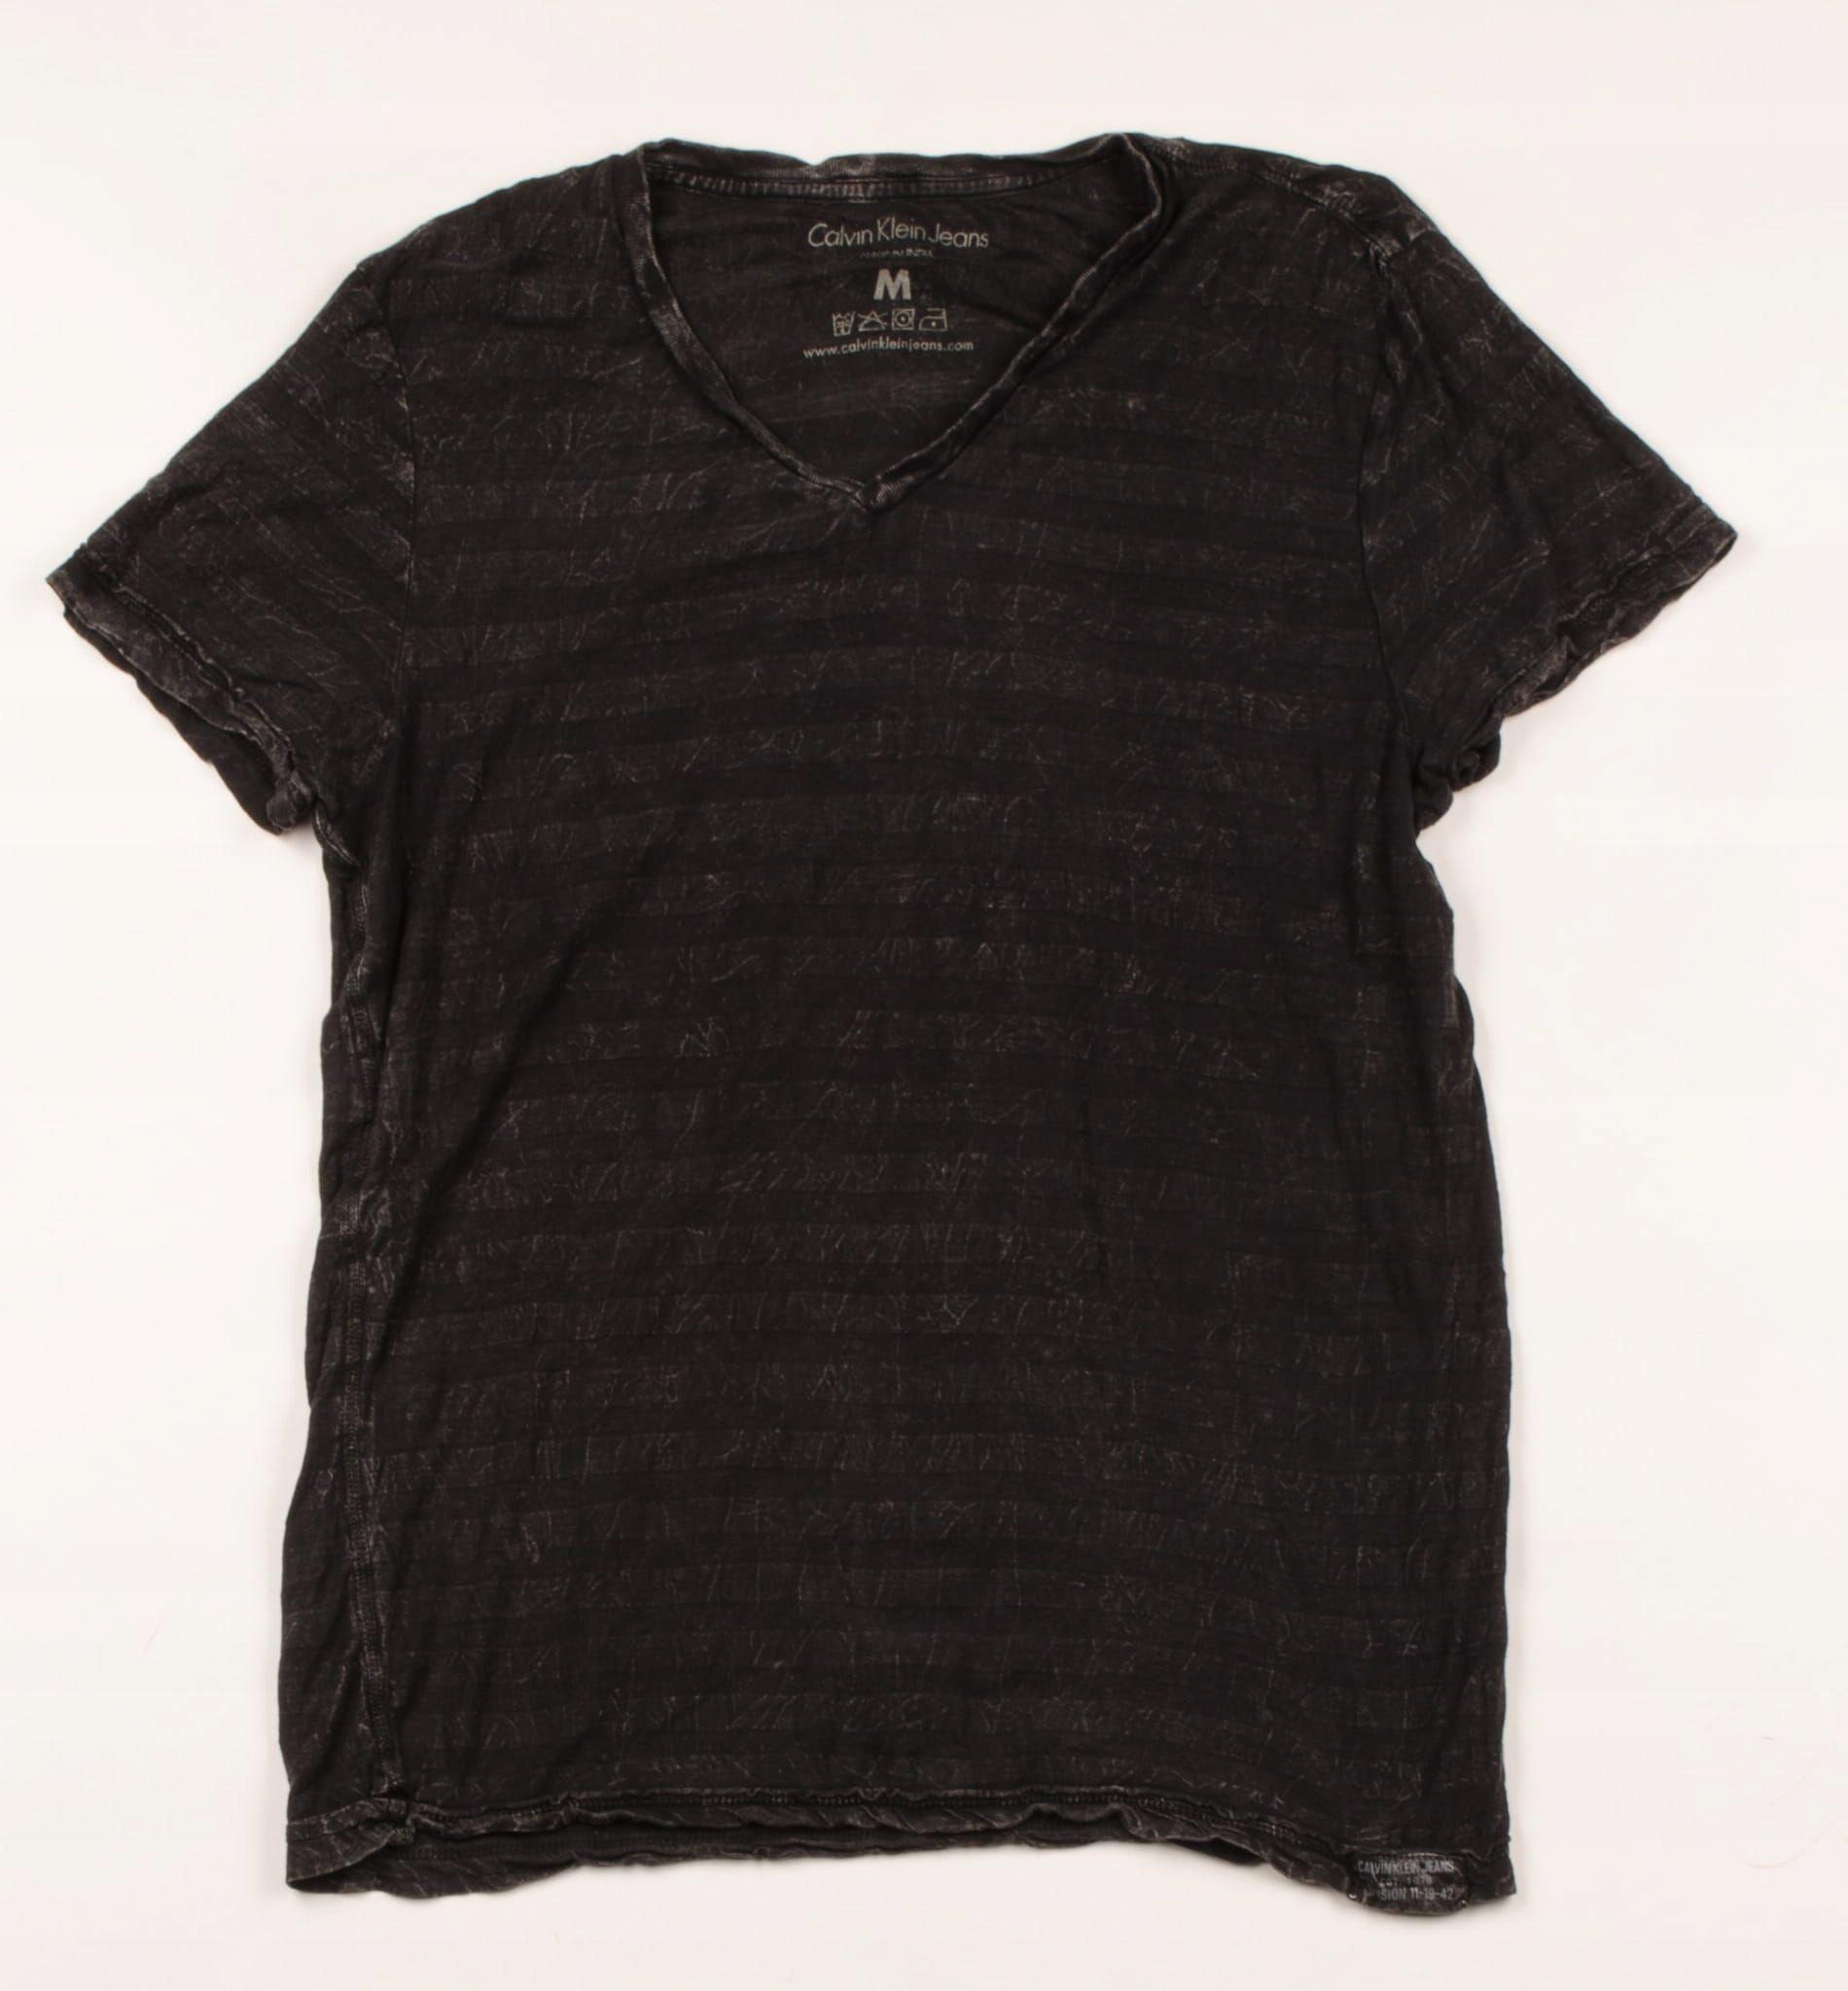 33442 Calvin Klein T-shirt Koszulka Męska M